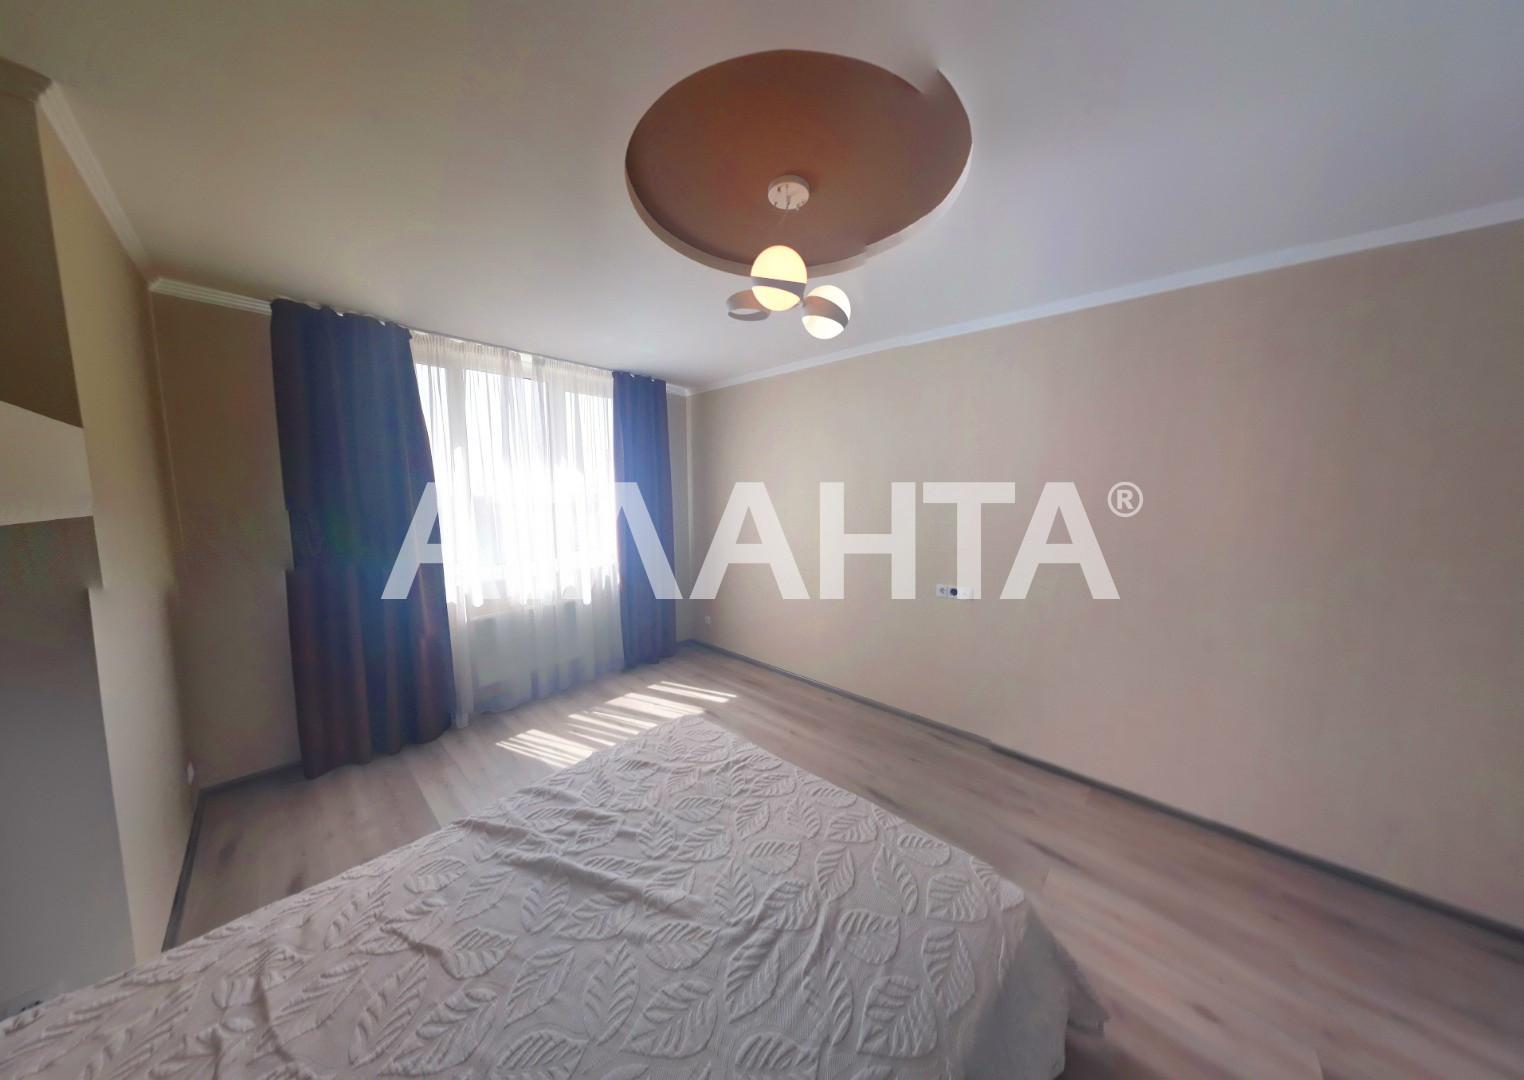 Продается 2-комнатная Квартира на ул. Ул. Вильямса — 130 000 у.е. (фото №9)